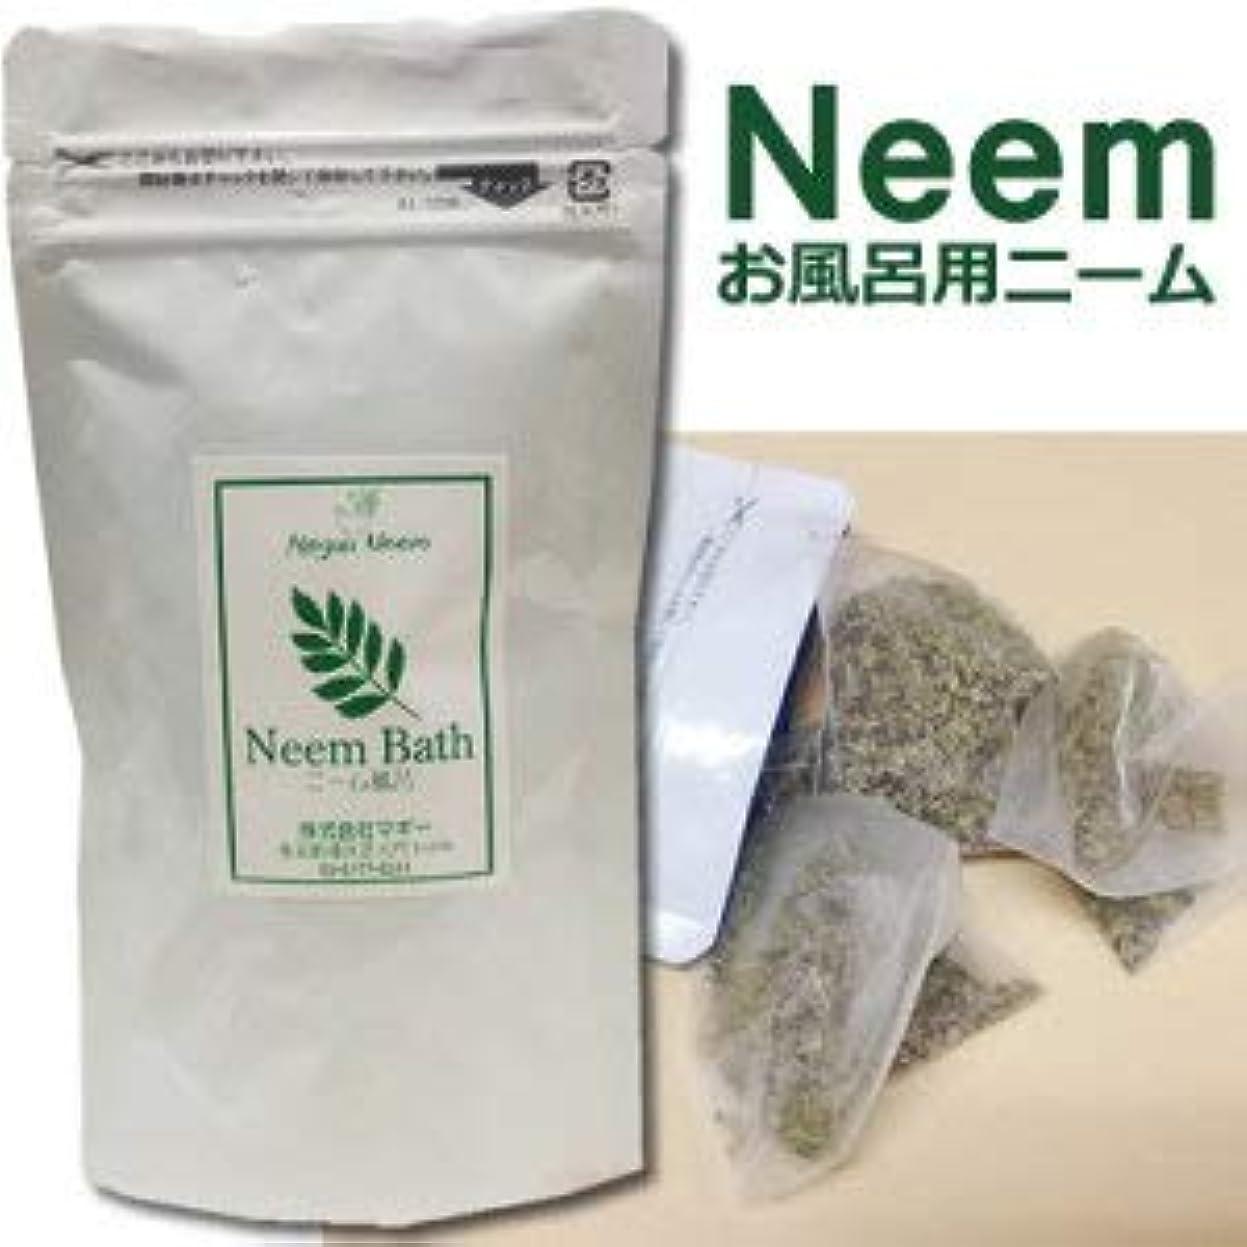 マグーニーム お風呂用ニーム MaguuNeem Bath Herb 5包